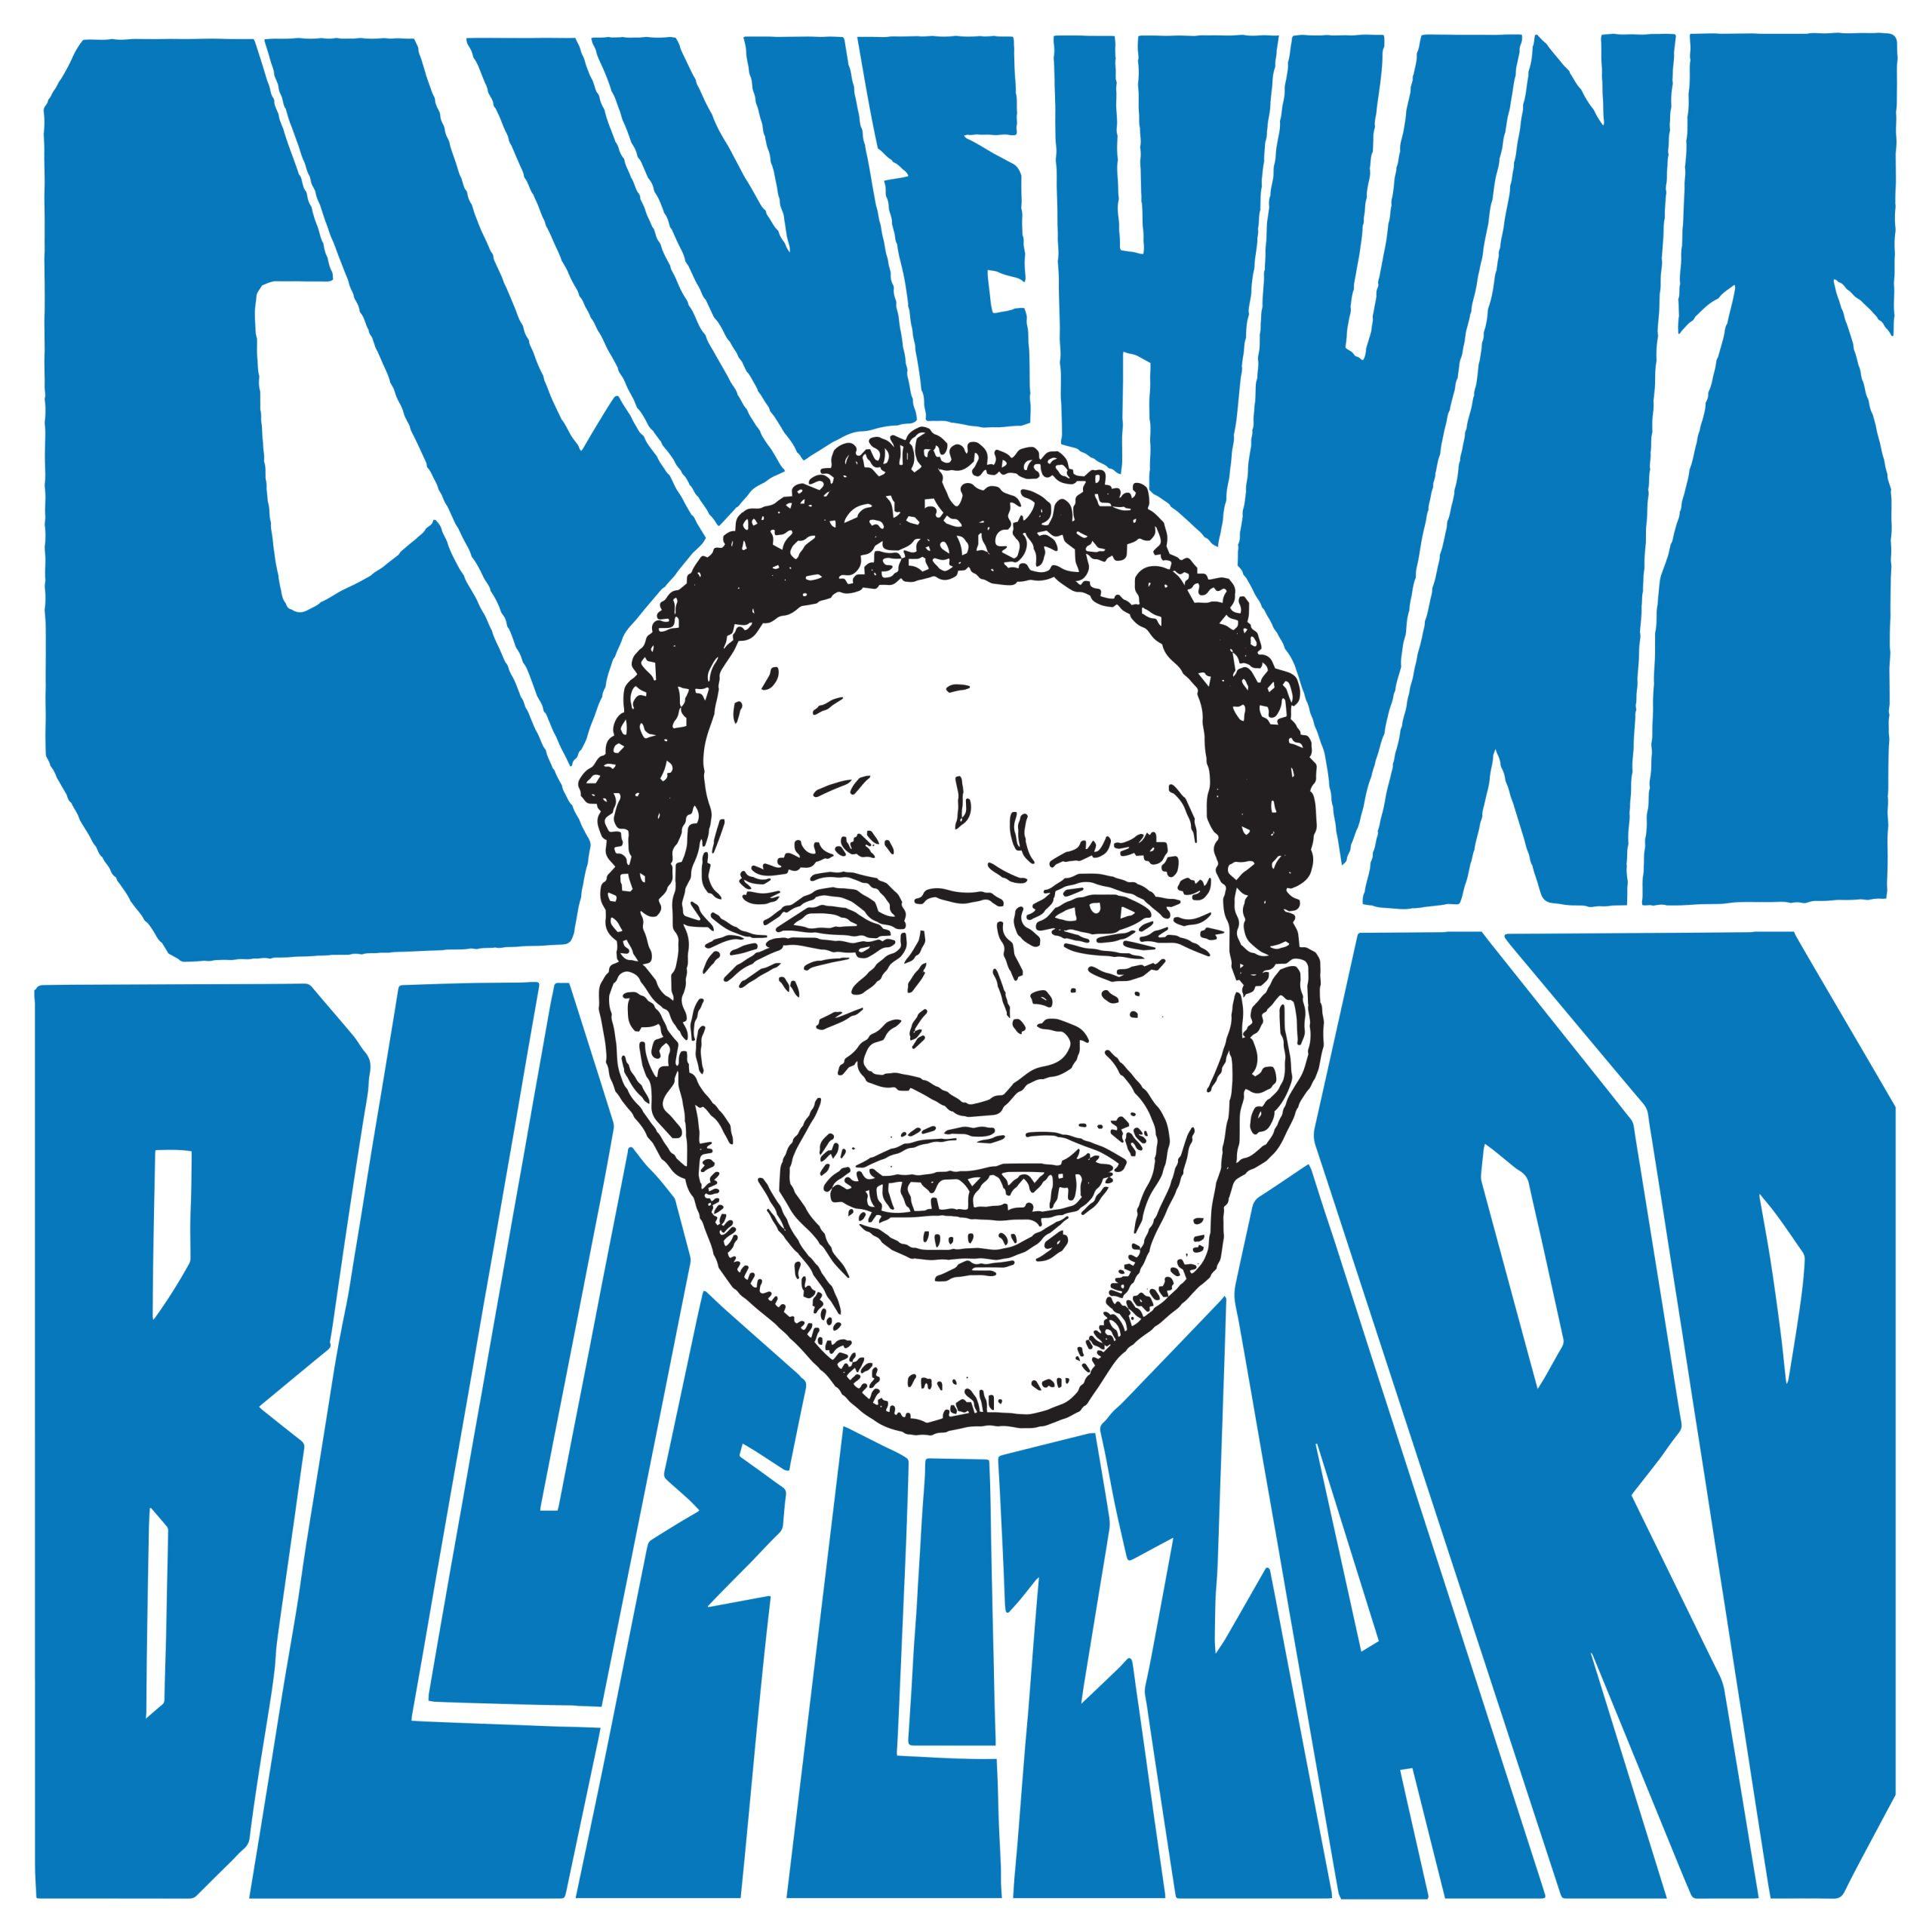 Clive Hunt